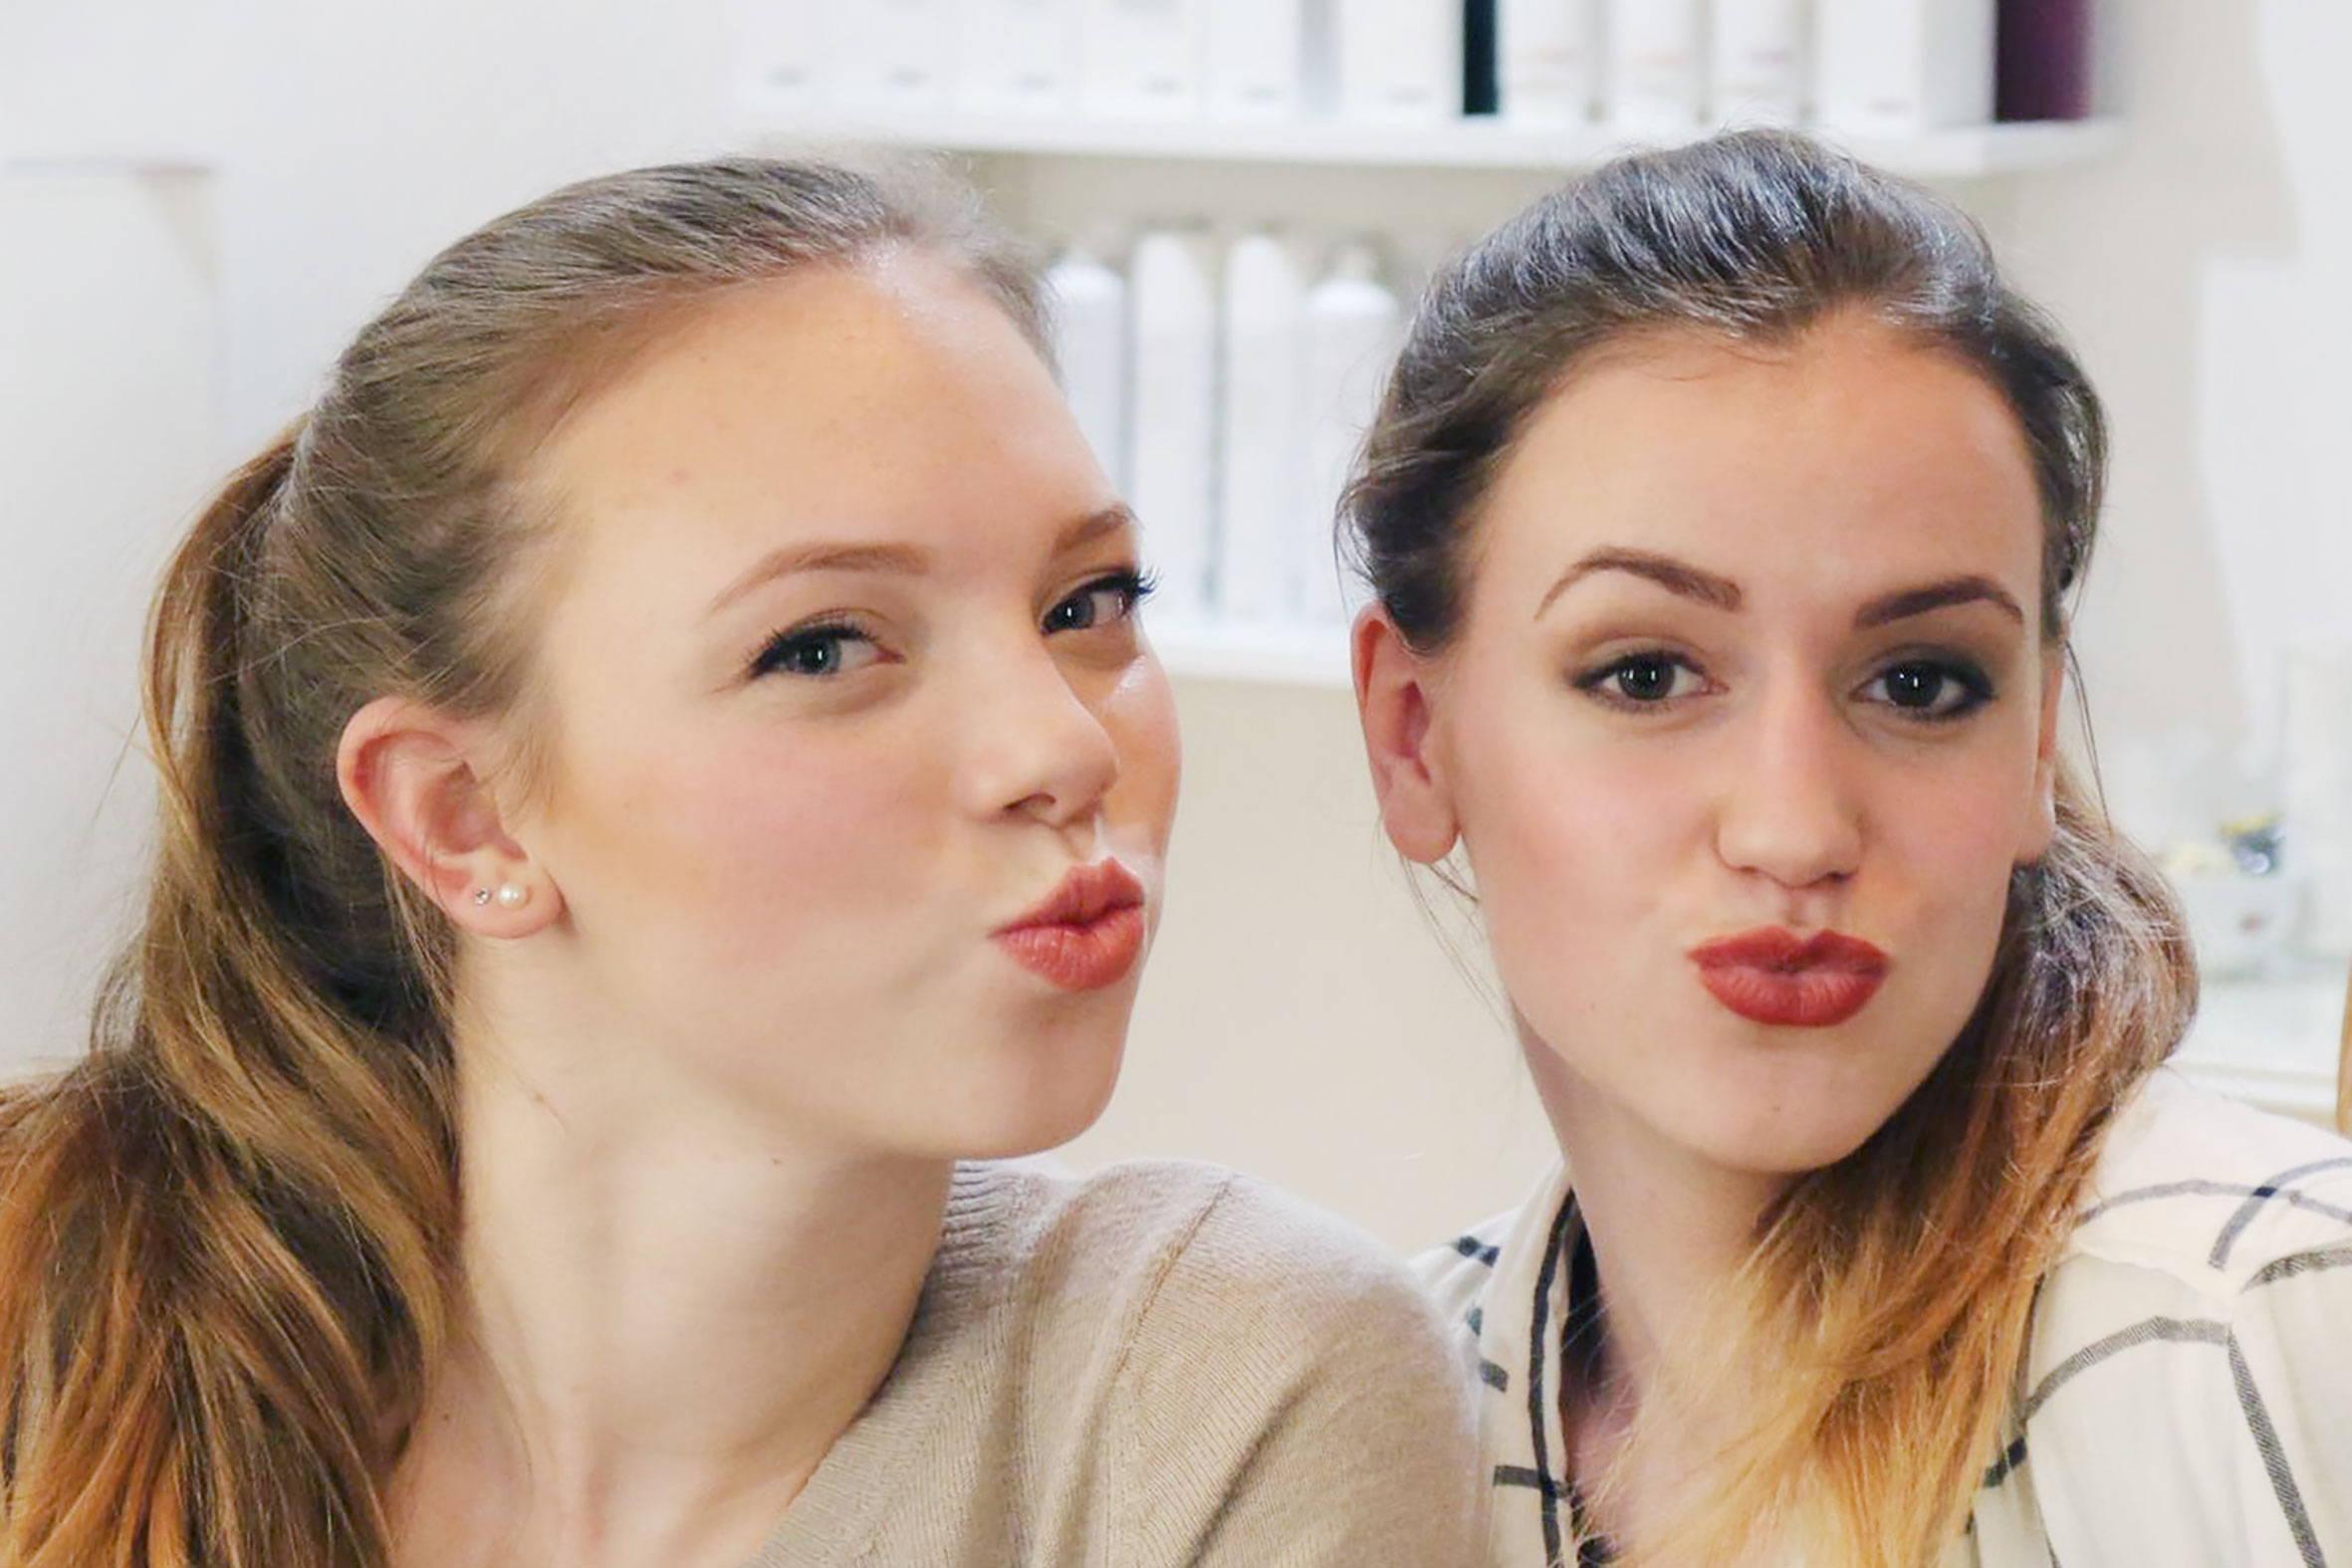 Perfekte Teenie-Bilder Brandi belle blowjob